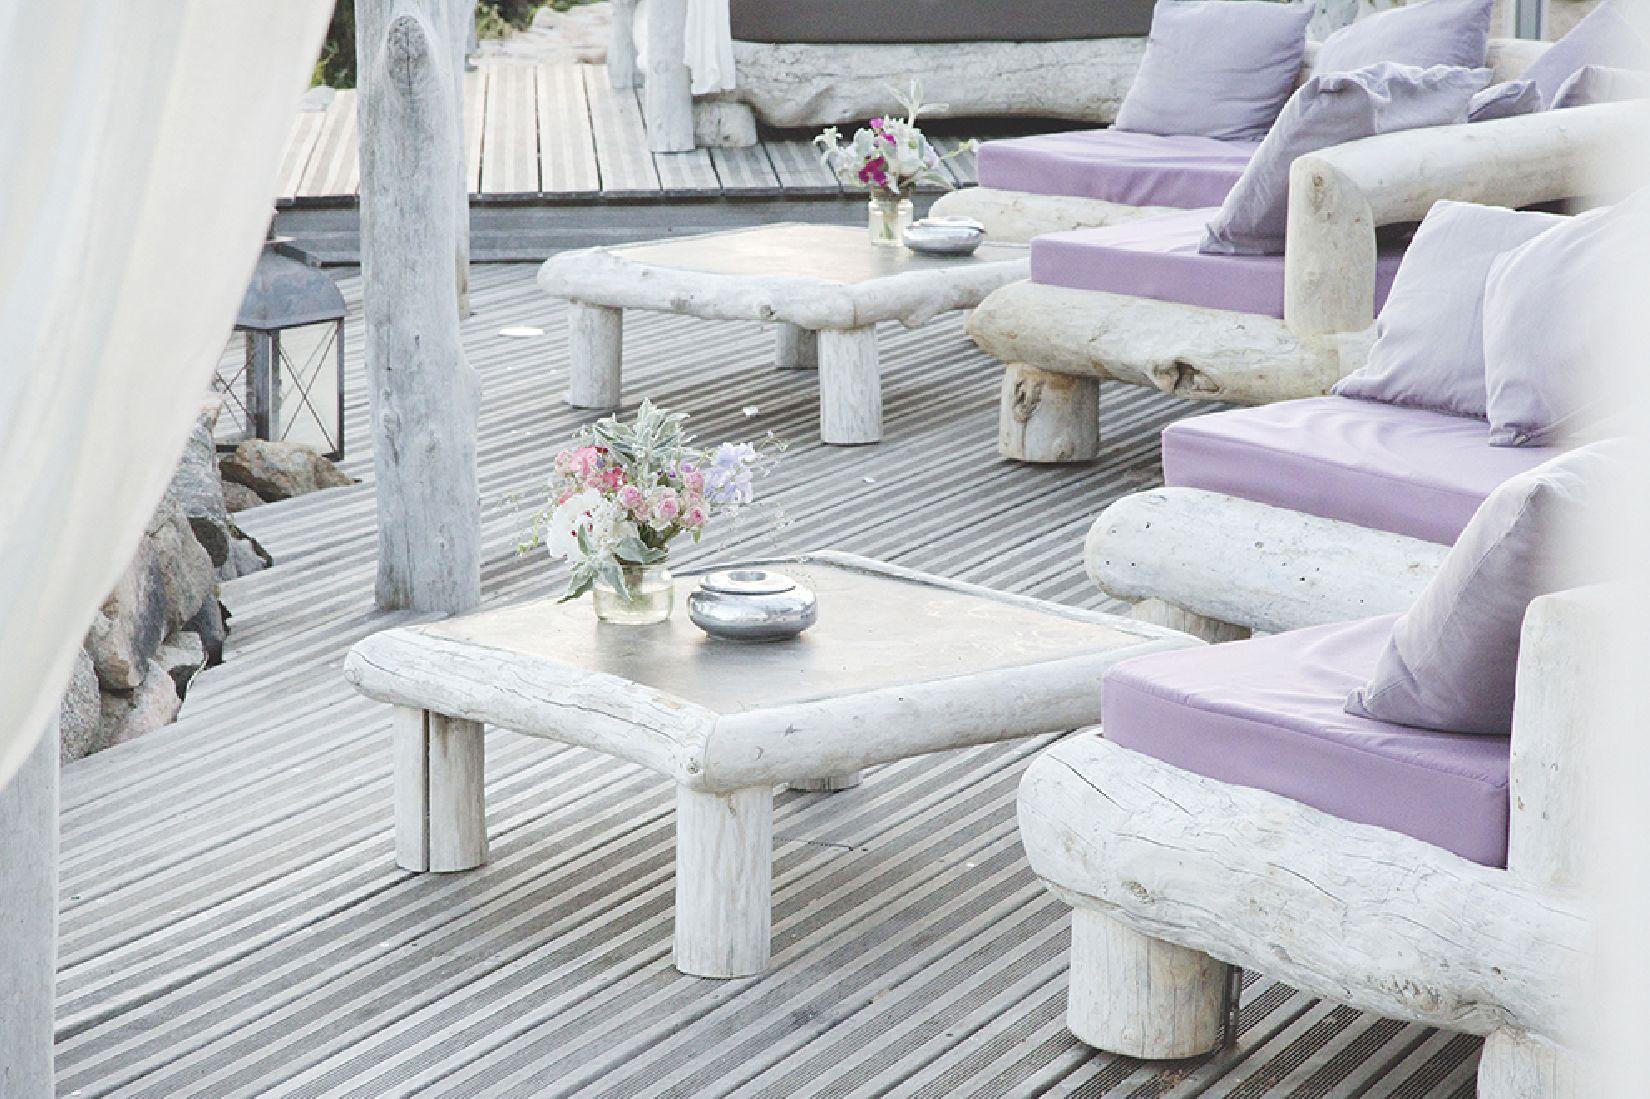 le cafe de la plage restaurants sur plage d 39 arone piana corse. Black Bedroom Furniture Sets. Home Design Ideas